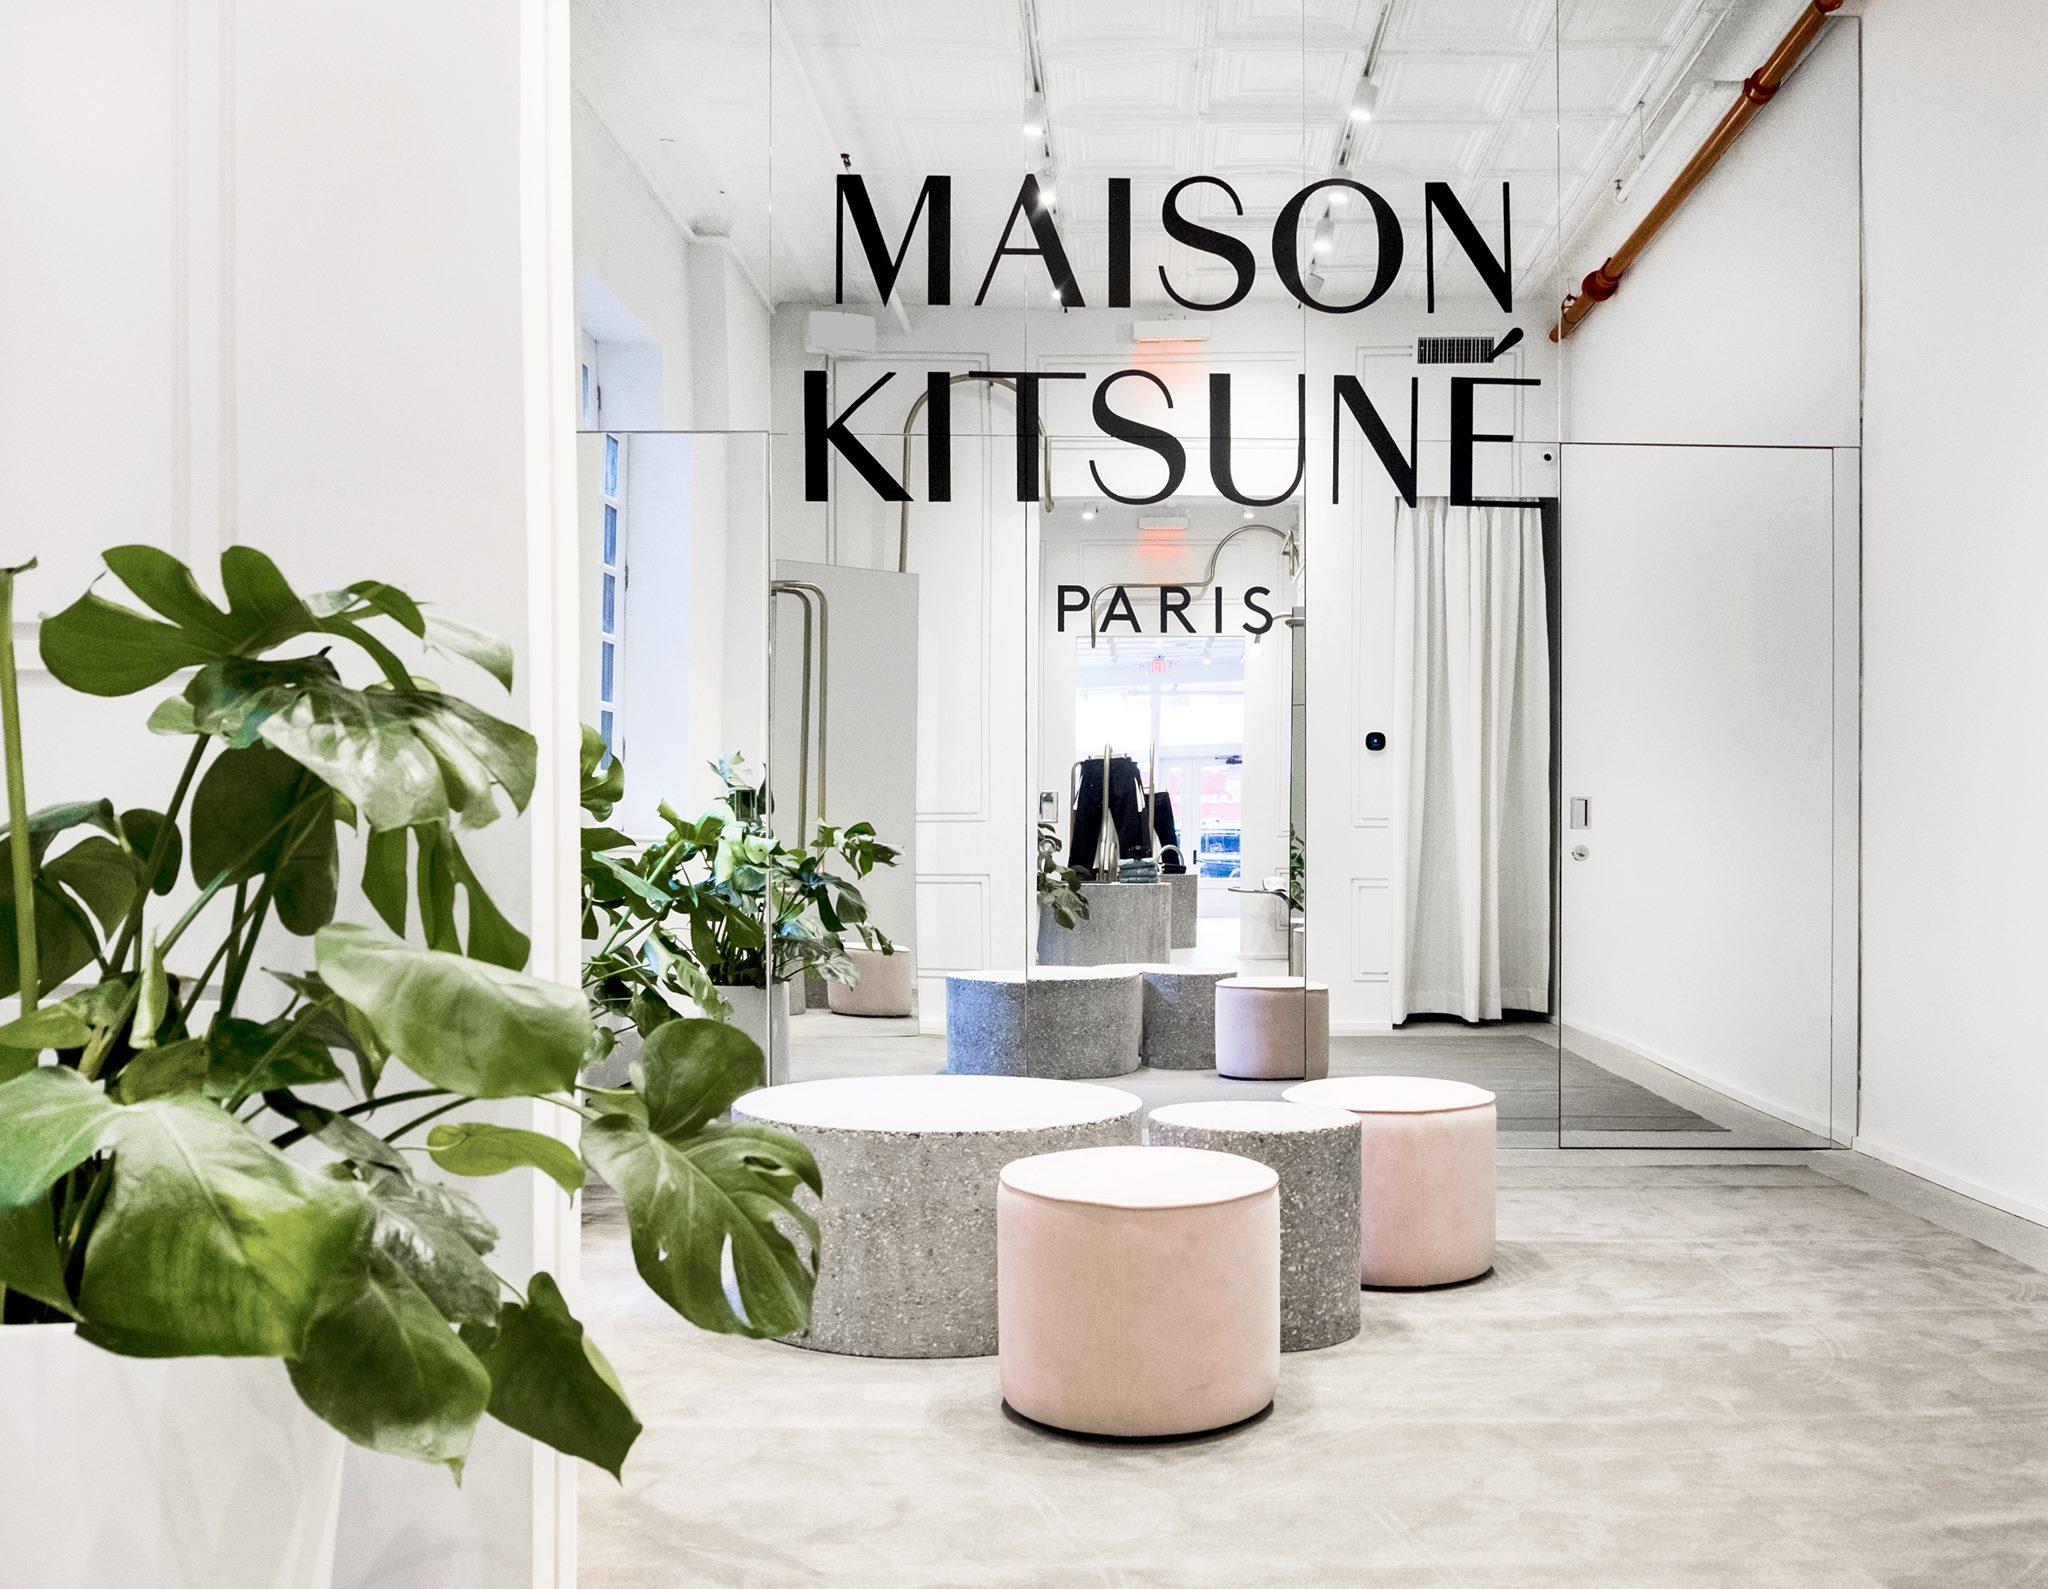 Lafayette Street store, photo courtesy of Maison Kitsuné.